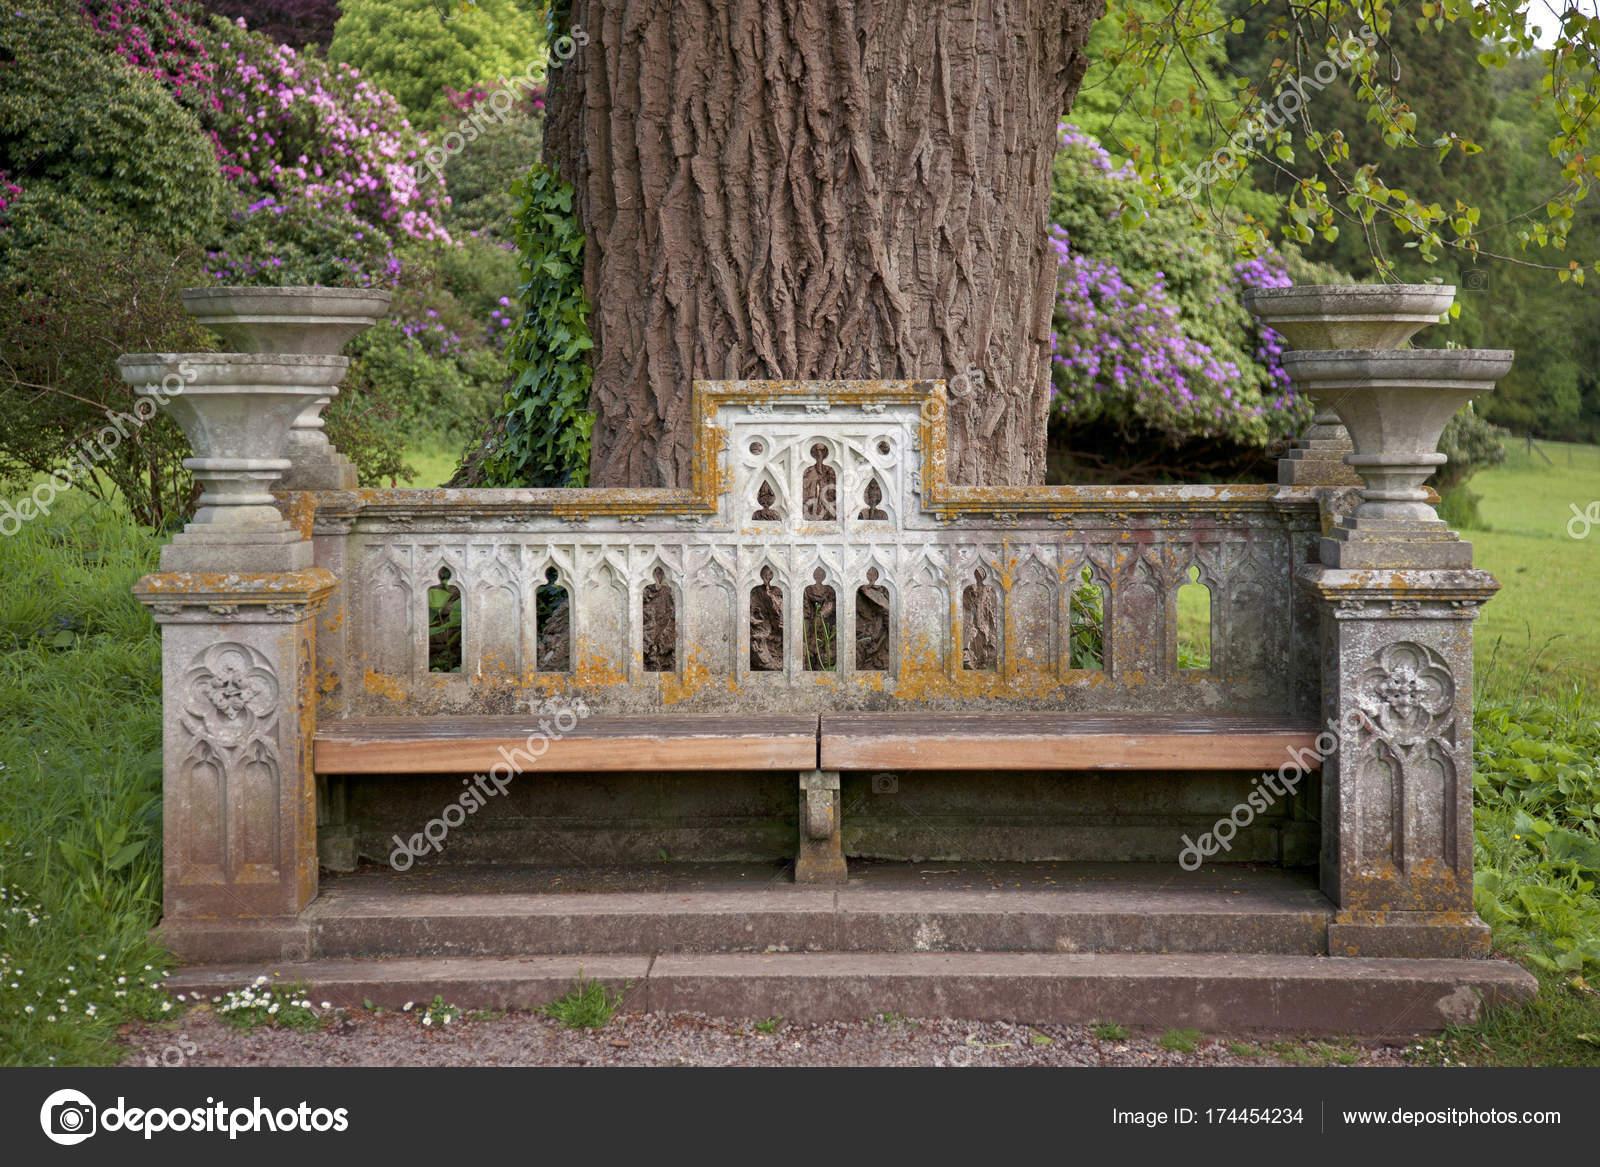 Sedile In Pietra Classica Sotto Un Albero Foto Stock C Johnson175